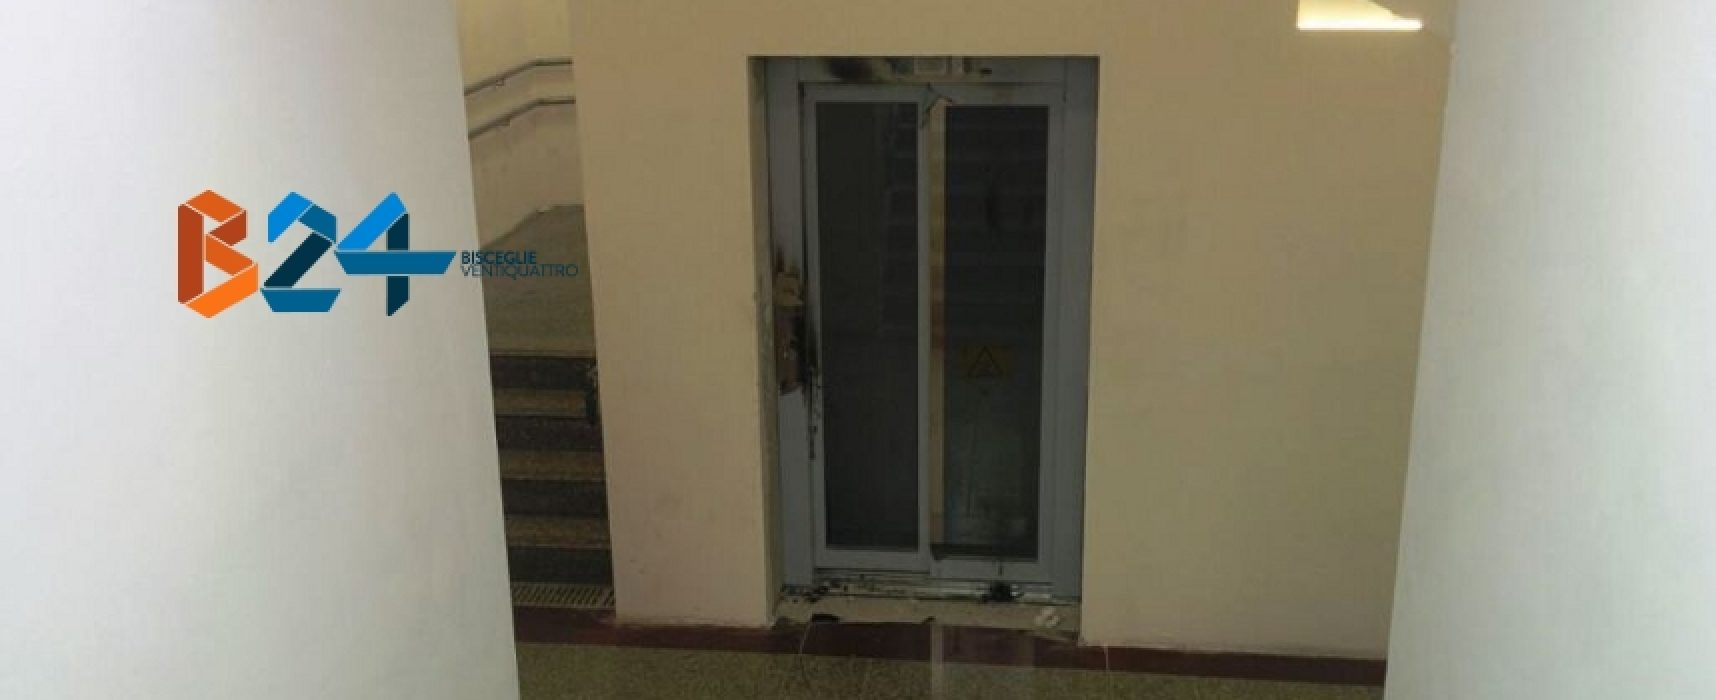 Vandali danneggiano ascensore sottopassaggio della stazione ferroviaria / FOTO